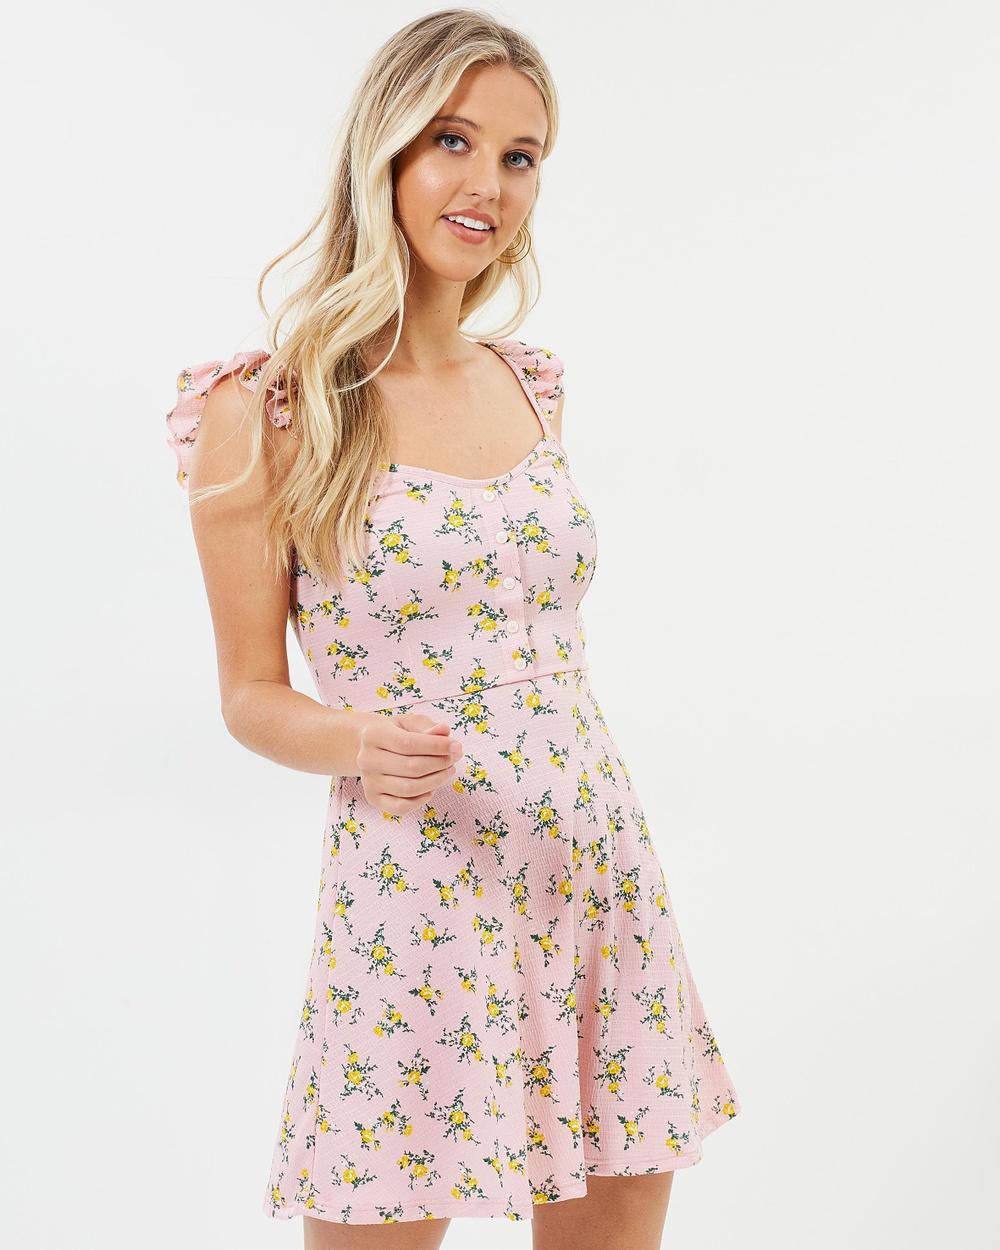 Miss Selfridge Floral Frill Button Dress Printed Dresses Multi Bright Floral Frill Button Dress